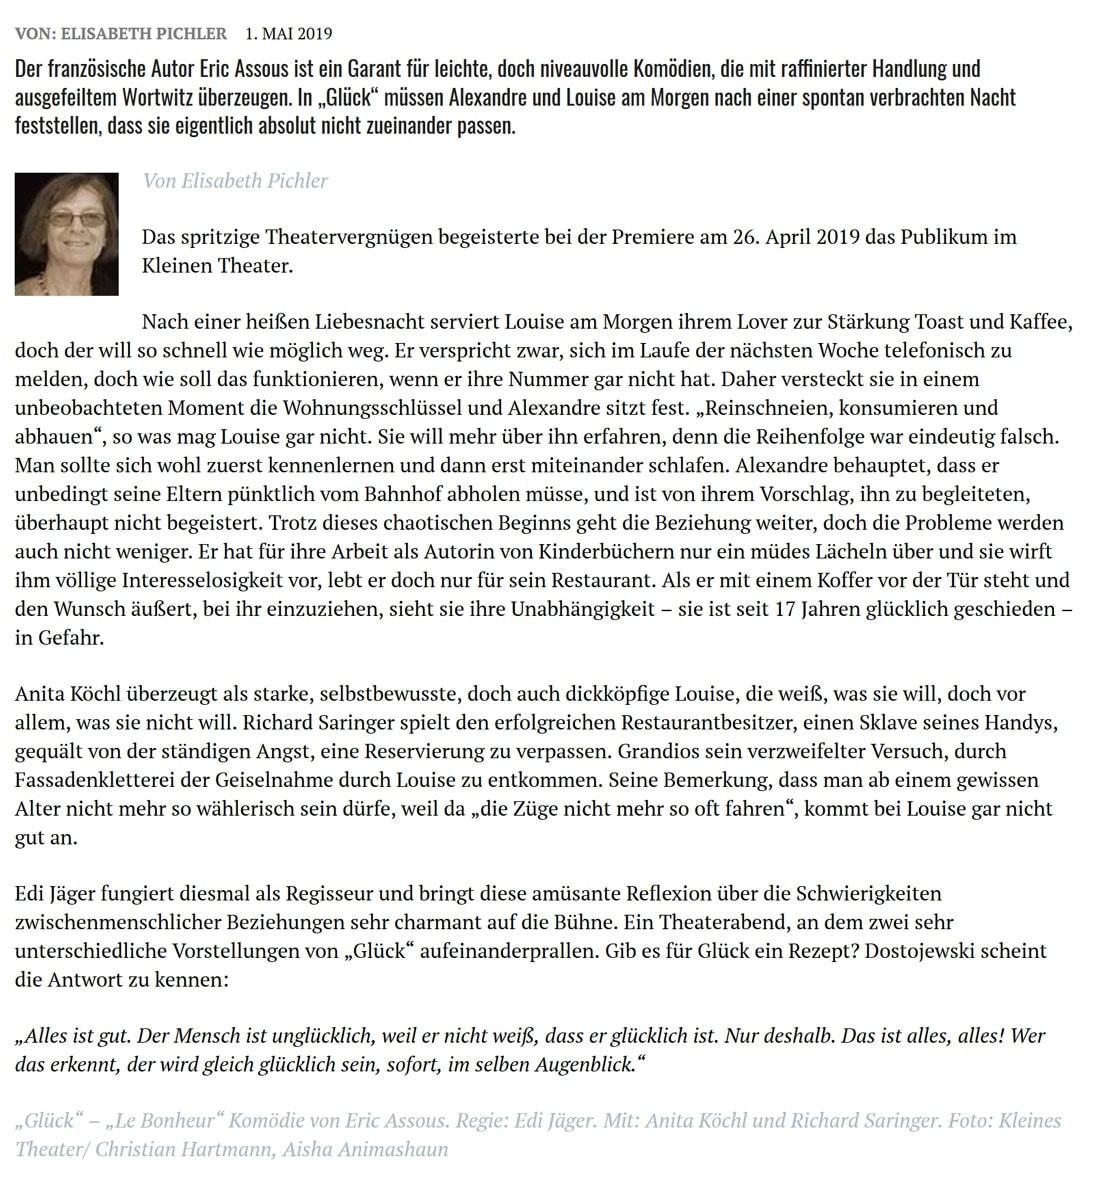 2019 05 01 DZ Glueck02 - Glück. Ein höchst amüsantes Beziehungsgeplänkel - Dorfzeitung vom 01.05.2019